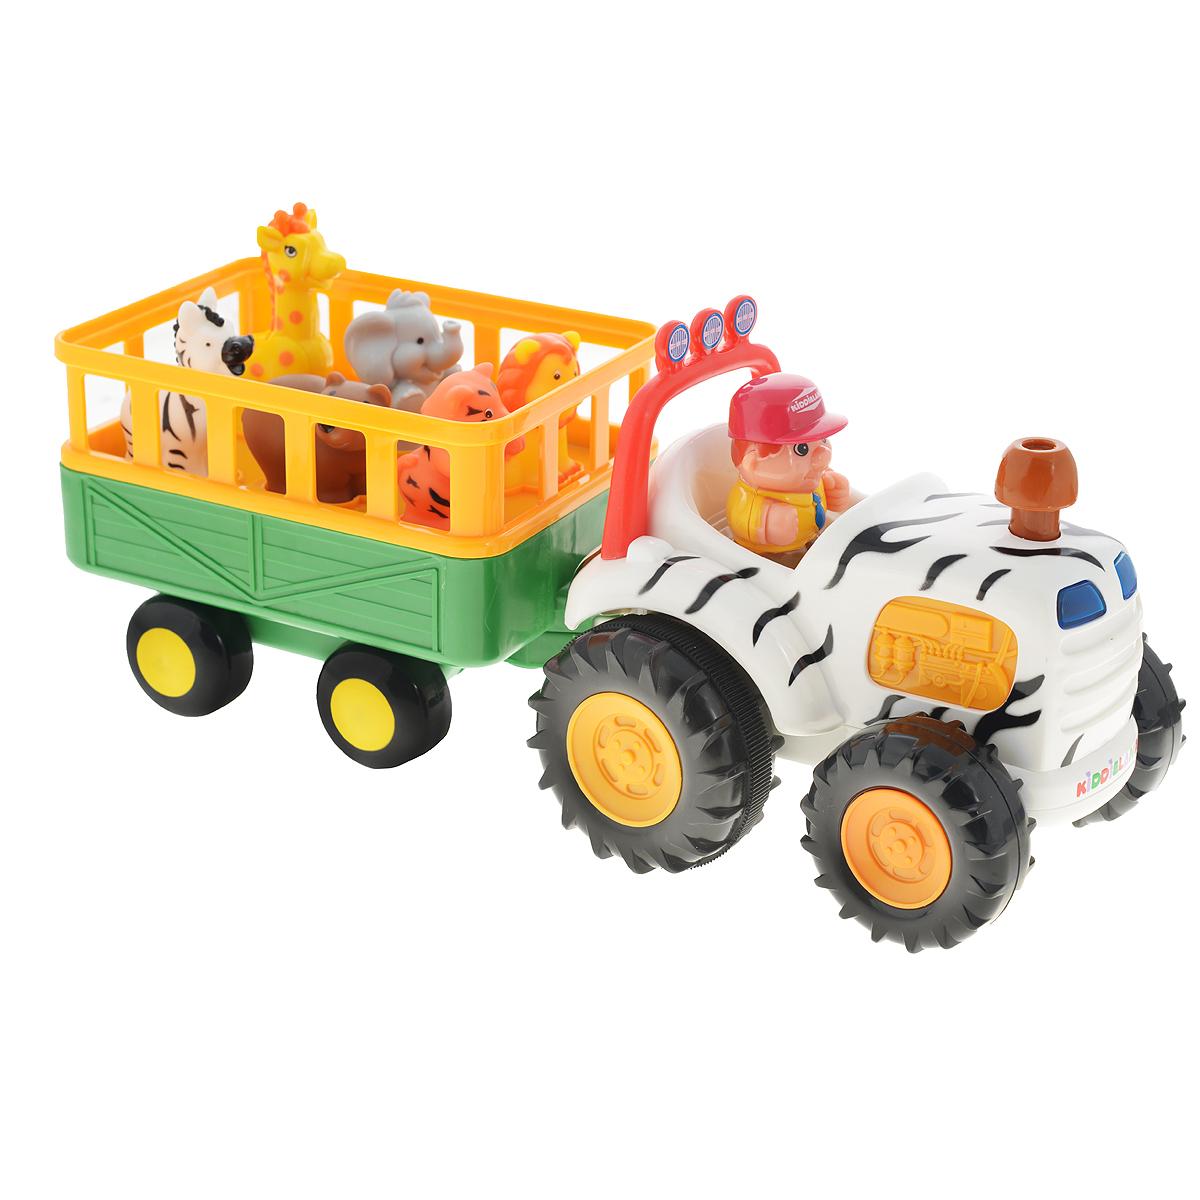 Kiddieland Развивающая игрушка СафариKID 051169Яркая музыкальная игрушка на колесах Kiddieland Сафари, озвученная на русском языке, развлечет малыша мигающими огоньками, приятной музыкой и забавными звуками. При нажатии на трубу трактор едет вперед, при этом звучат реалистичные звуки мотора, тормозов или веселые стишки. В прицепе трактора находятся 5 фигурок диких животных. Фигурки необходимо правильно расставить по своим местам, тогда при нажатии они издают соответствующие реалистичные звуки, читают стишки, а водитель поет песенку. Фигурки зверей (тигр, лев, слон, жираф, зебра, медведь) и водителя легко снимаются, и малыш может играть с ними отдельно. Отправляйтесь в веселую и познавательную поездку! Упаковка презентационно-открытая. Питание: 4 батареи АА (входят в комплект). Размер игрушки: 37 х 13,5 х 17,5 см.